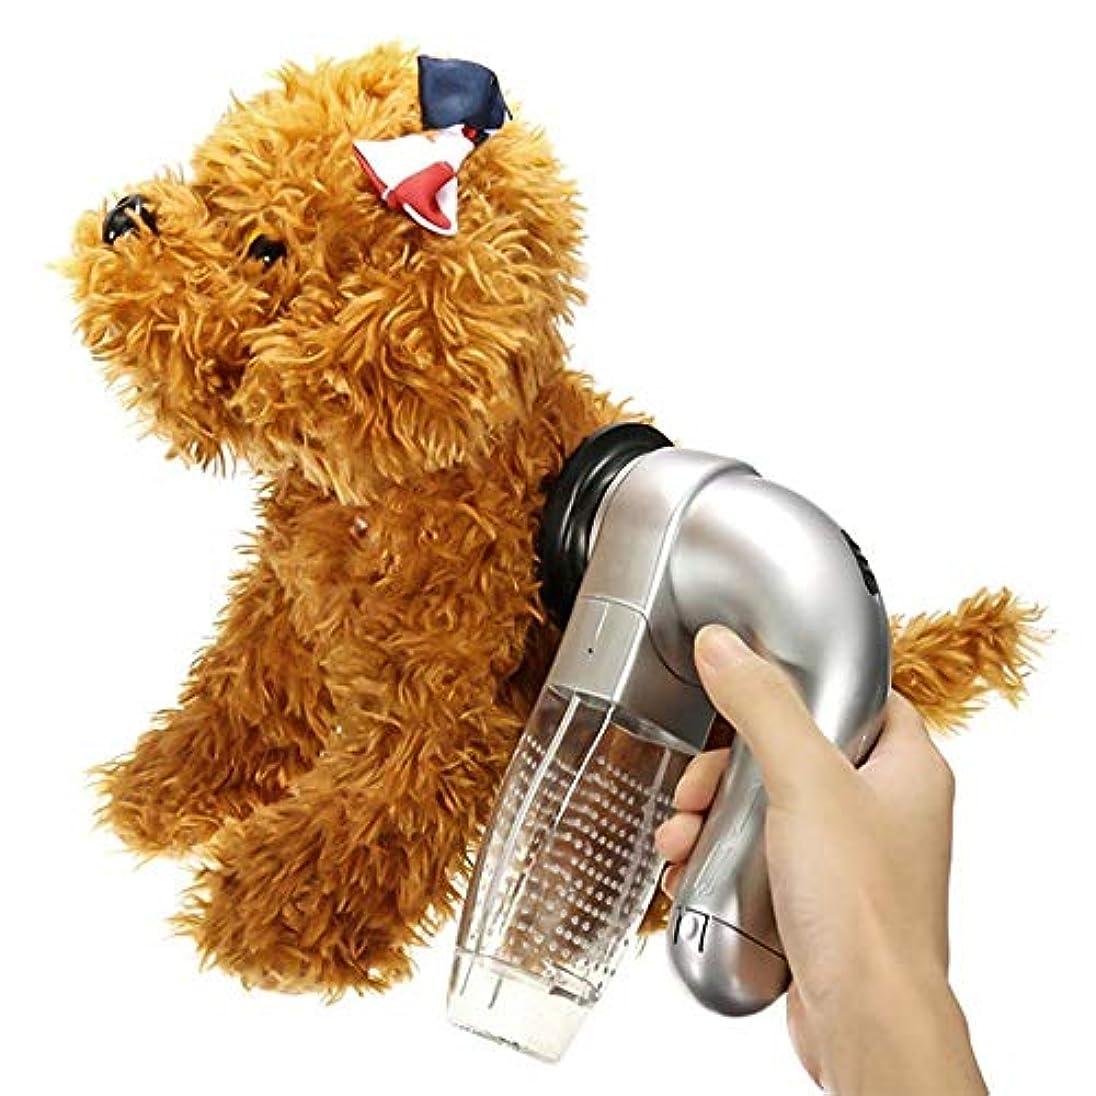 法廷毎回刃犬と猫の脱毛器の取り外し電動ペット吸引ヘアデバイスポータブルペットマッサージクリーニング掃除機ソフトラバー用猫と犬